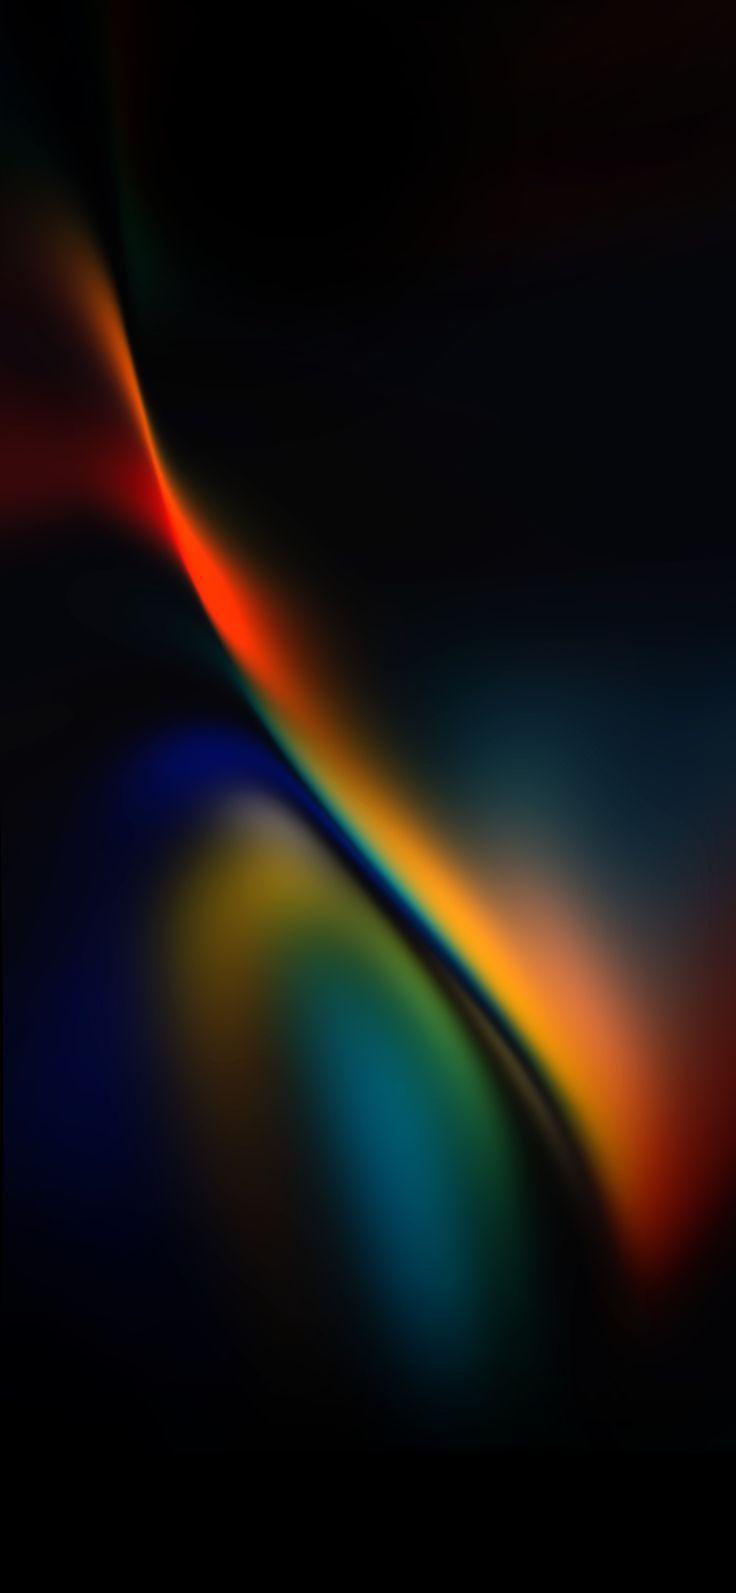 Wallpaper Iphone Aurora Of Fire By Ar72014 Wallpaper Iphone Android Firewallpaperi Fond D Ecran Telephone Fond D Ecran Iphone Apple Fond D Ecran Huawei